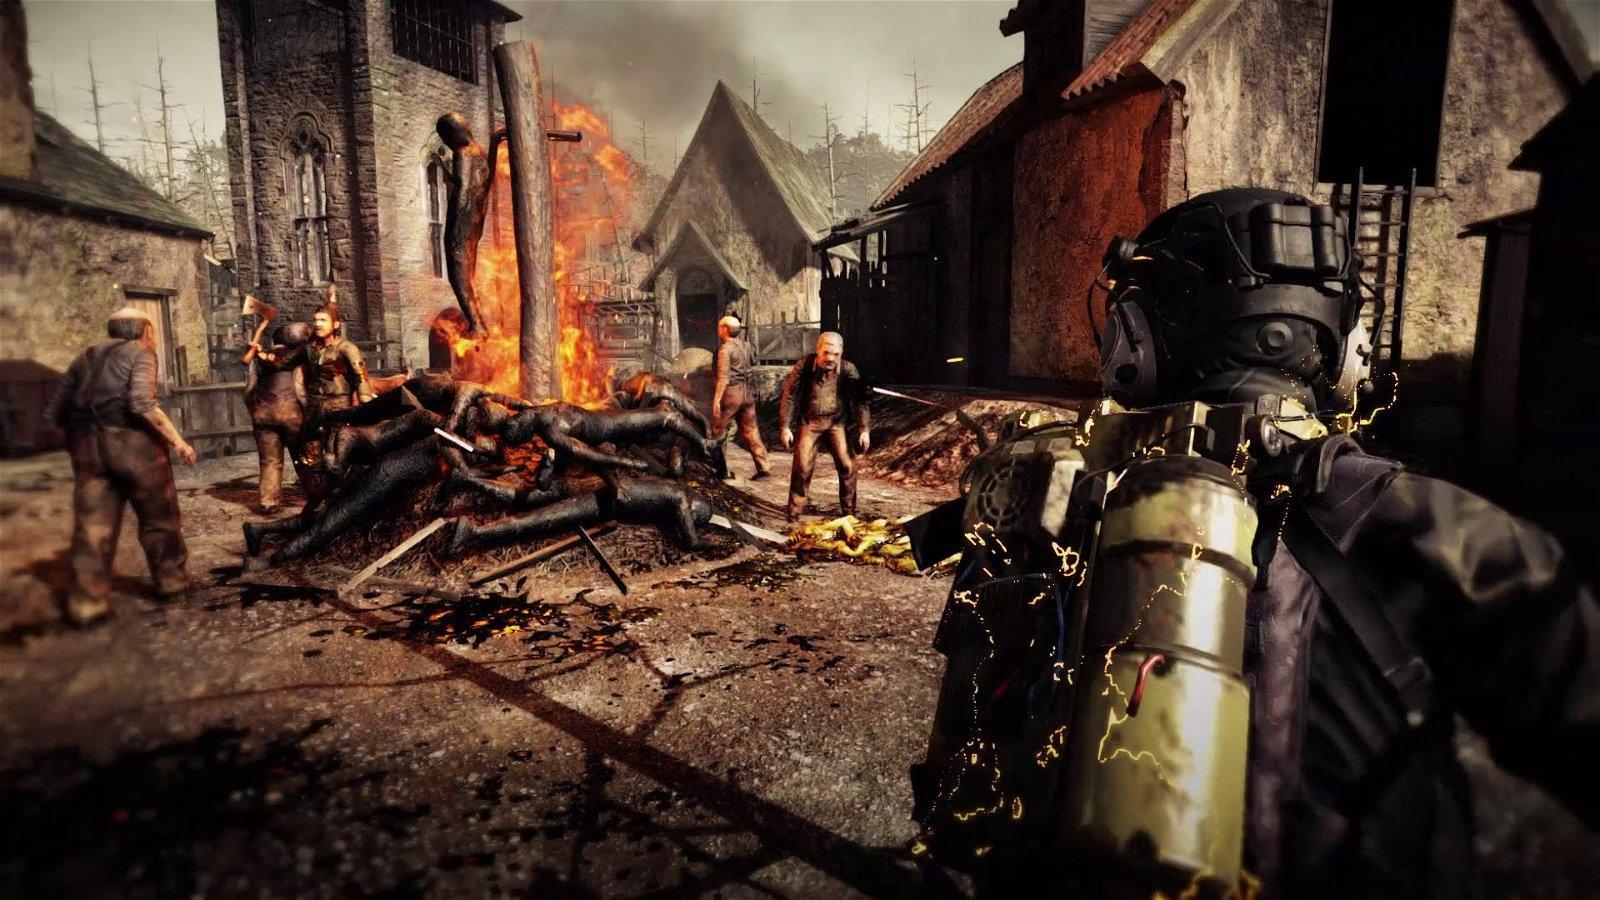 Los peores videojuegos de zombis de los últimos tiempos